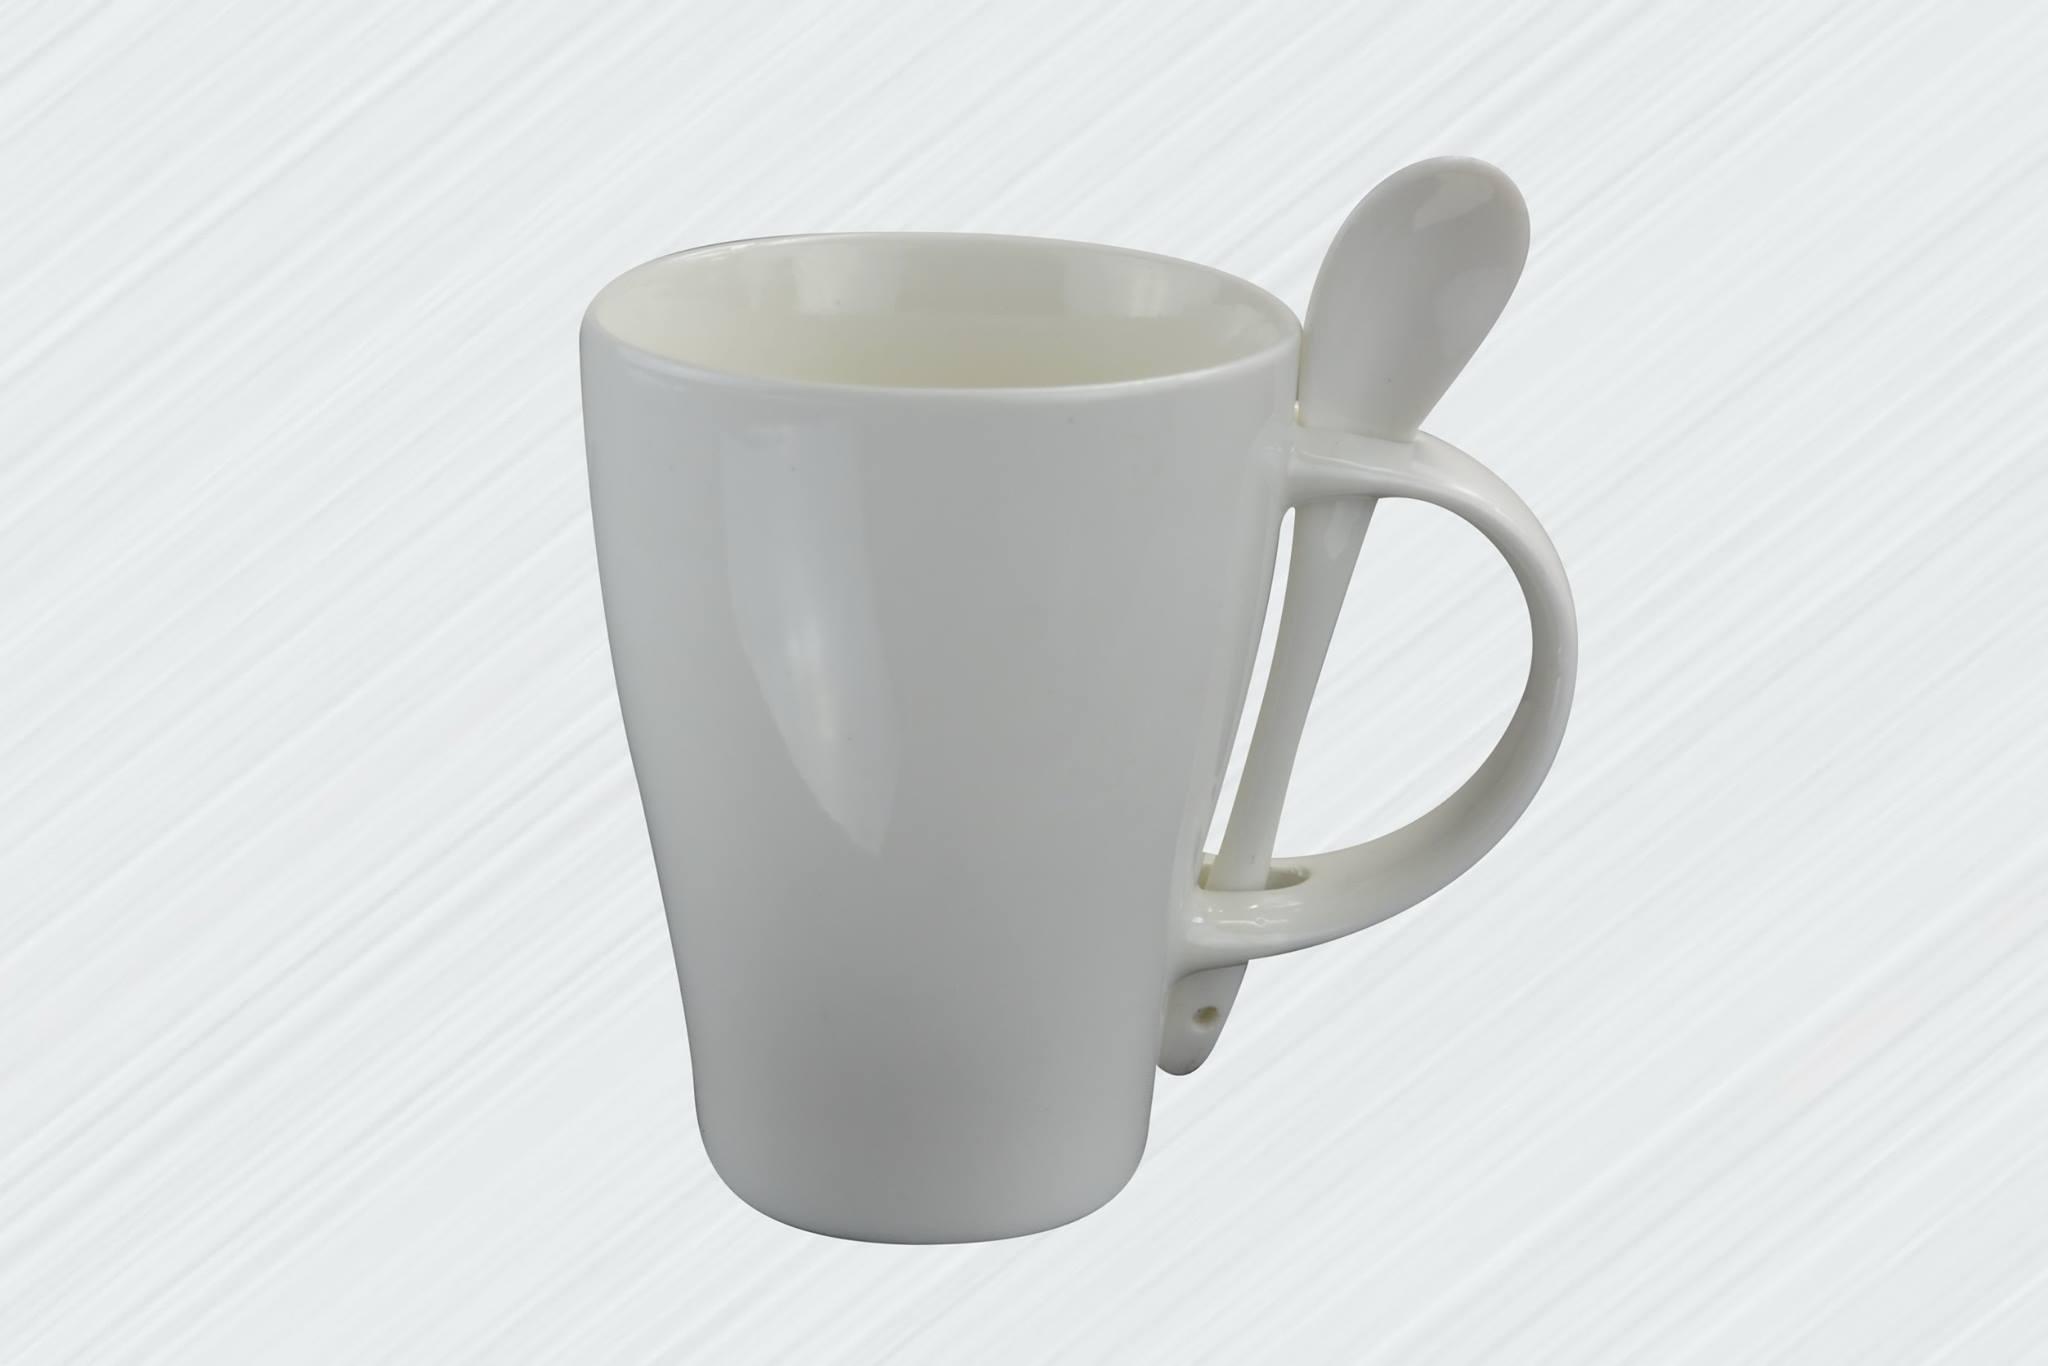 รับผลิตและจำหน่ายแก้วเซรามิค ขาย แก้วเซรามิค ราคาส่งสกรีนโลโก้ฟรี!!